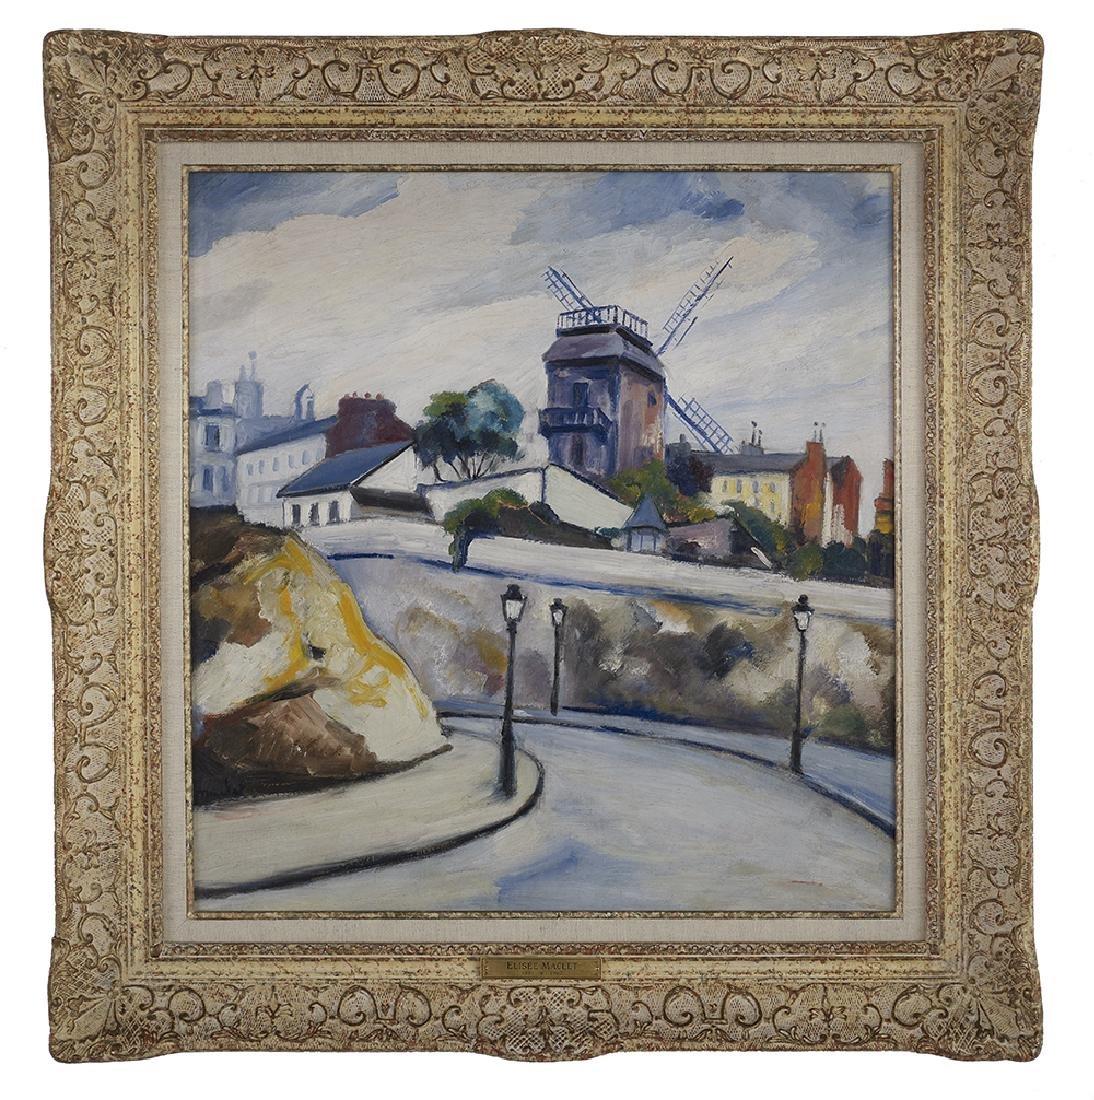 Elisee Maclet (French, 1881-1962)